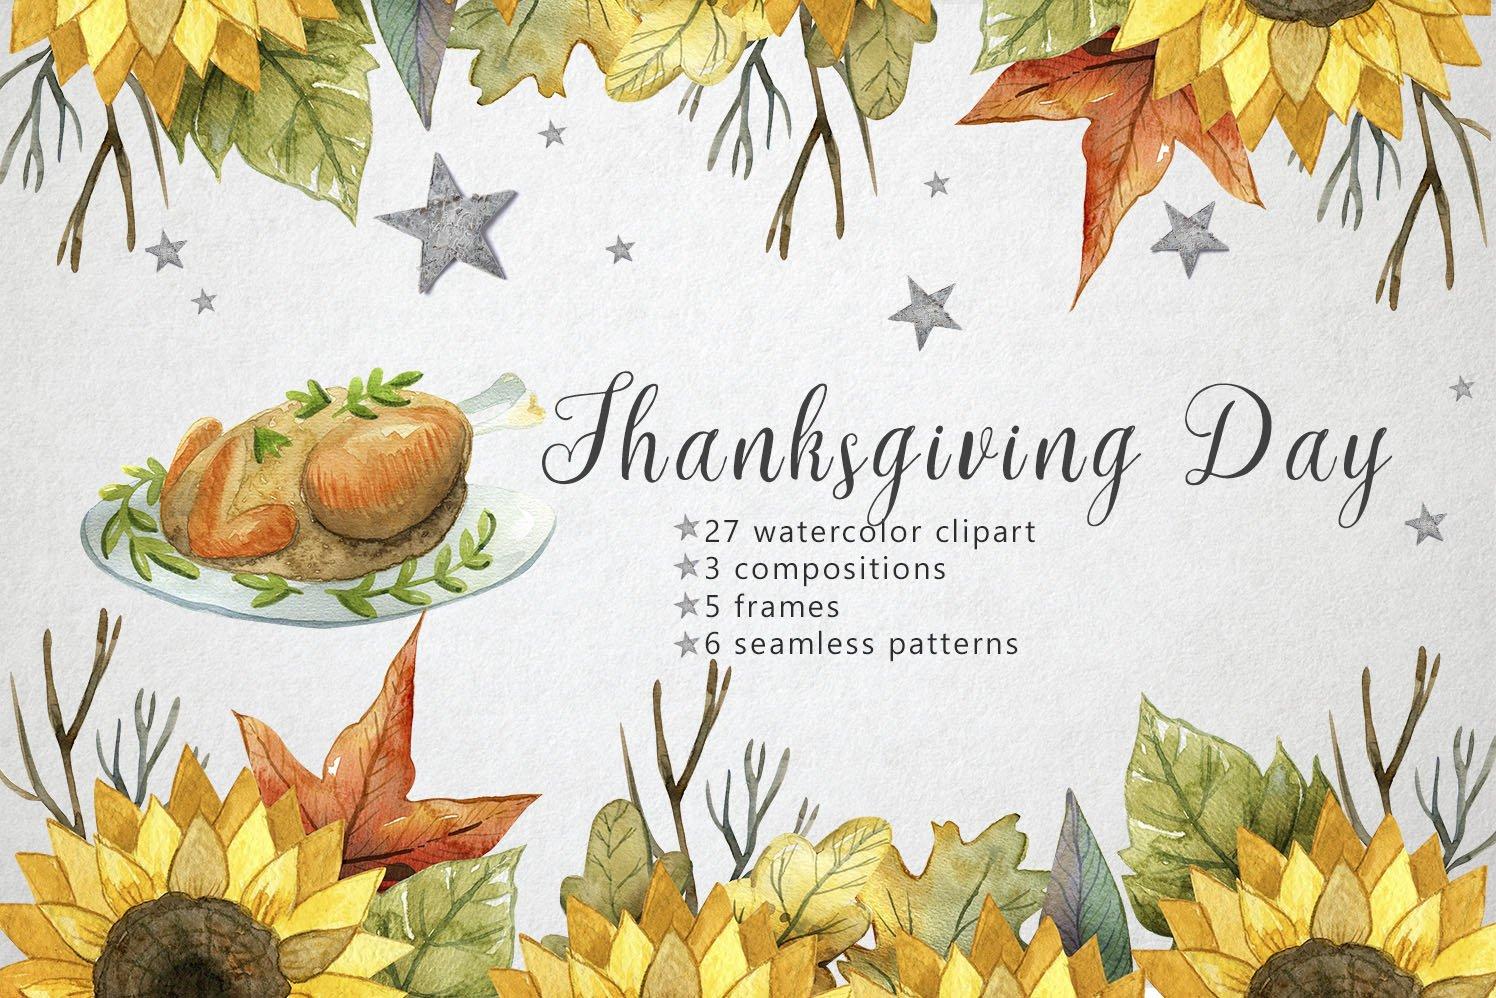 复古手绘秋季感恩节元素水彩插图素材 Watercolor Thanksgiving Day插图